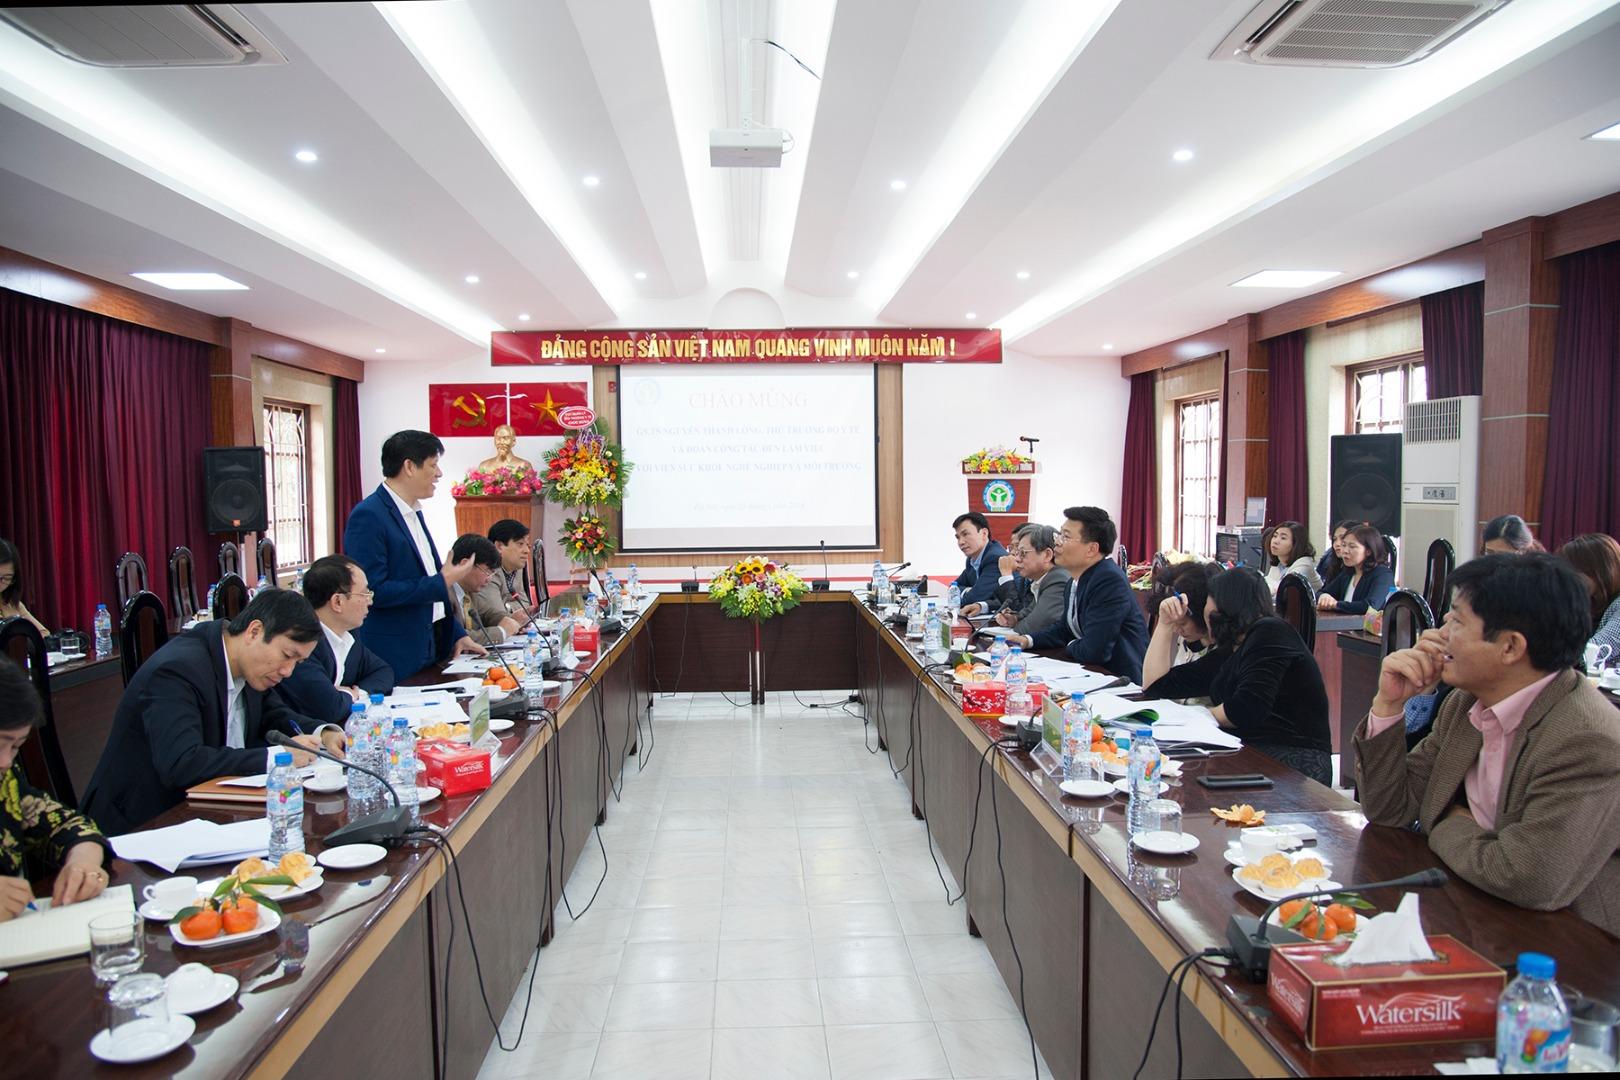 Thứ trưởng Nguyễn Thanh Long cùng đoàn công tác Bộ Y tế đến làm việc với Viện Sức khỏe nghề...